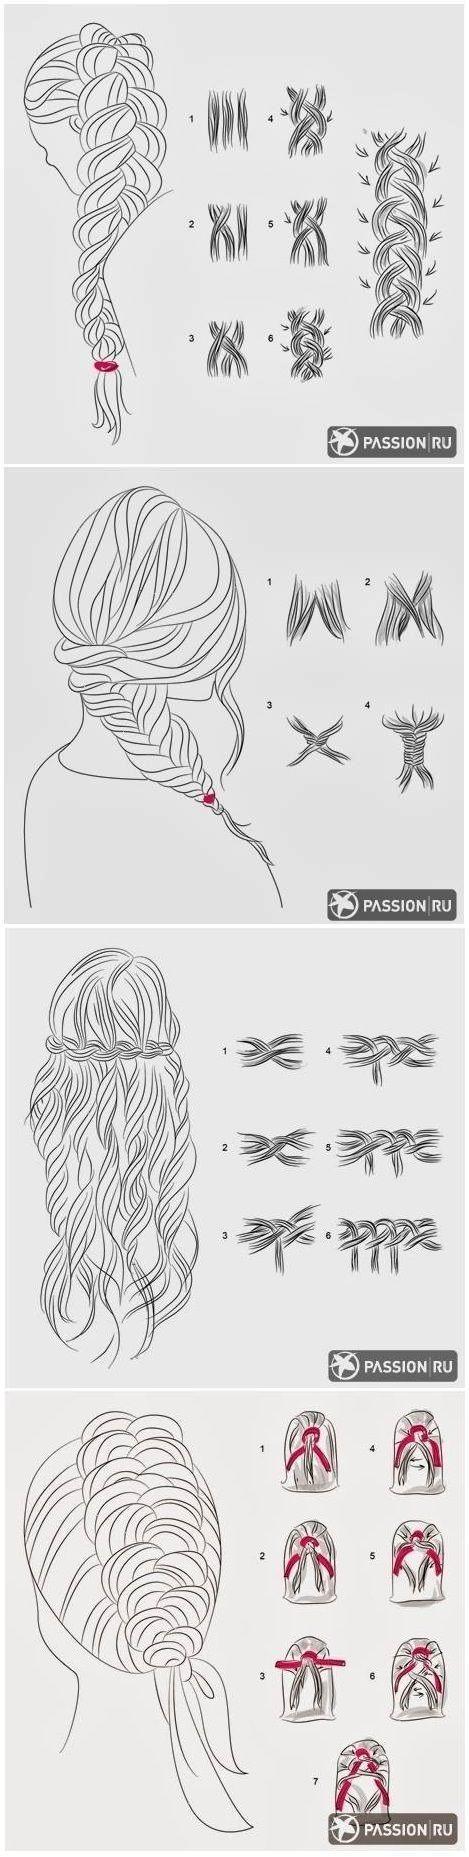 La tresse est une coiffure classique et classe : C'est la coiffure la plus anciennes ,les tendances coiffure évoluentet changent à travers les années et la tresse reste parmi les coiffure indémodables et irremplaçables . Dans cet article trouvez 10 magnifiques coiffures avec tresse faciles et…